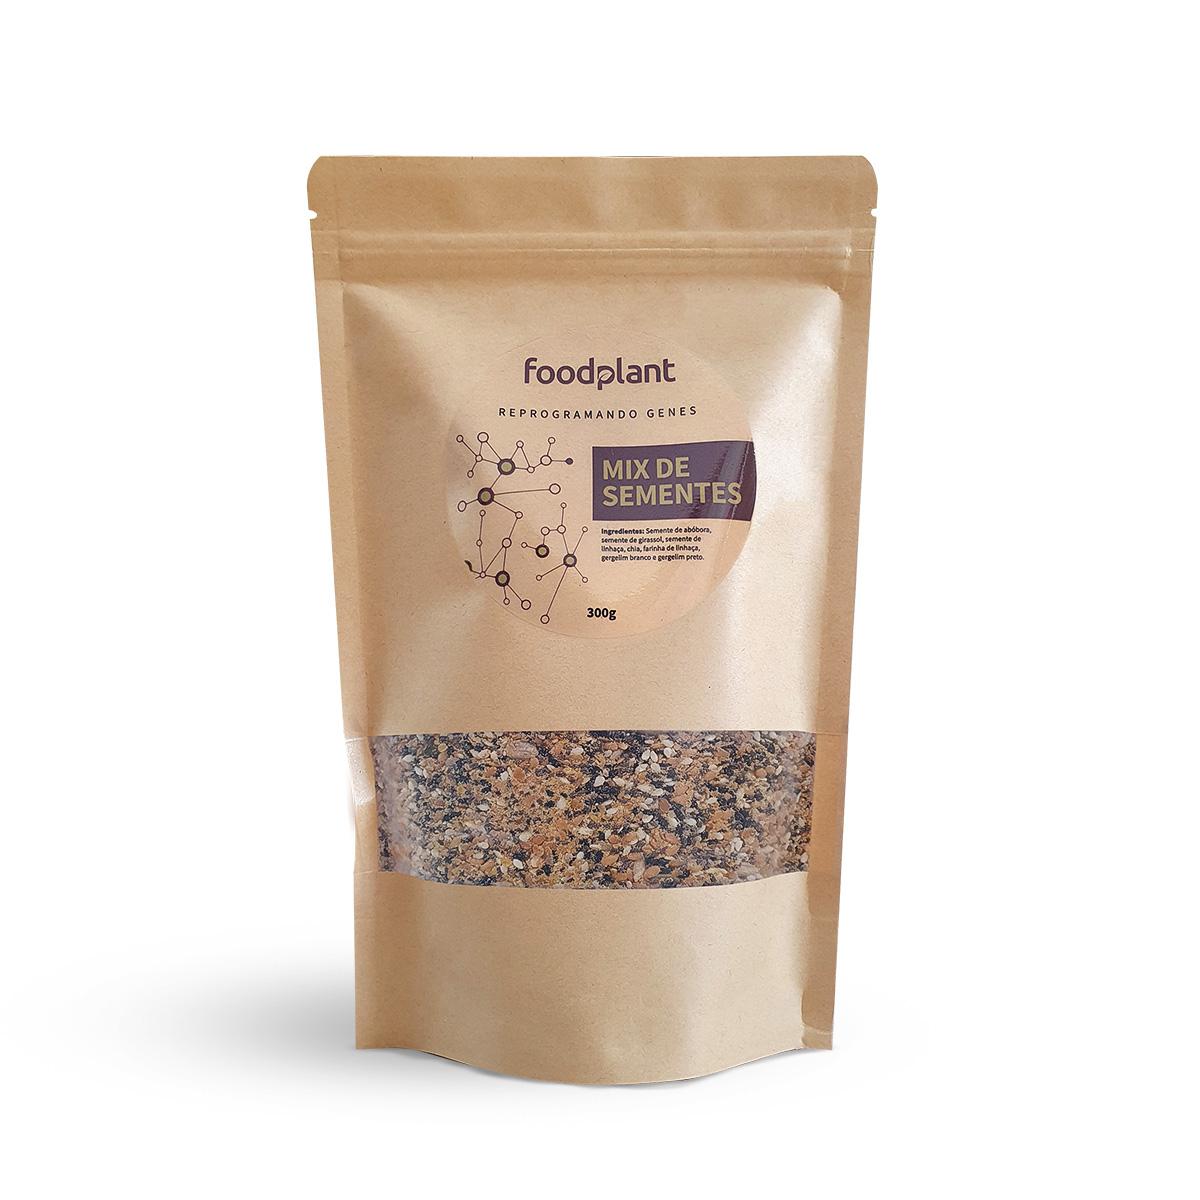 Mix de Sementes Foodplant 300g